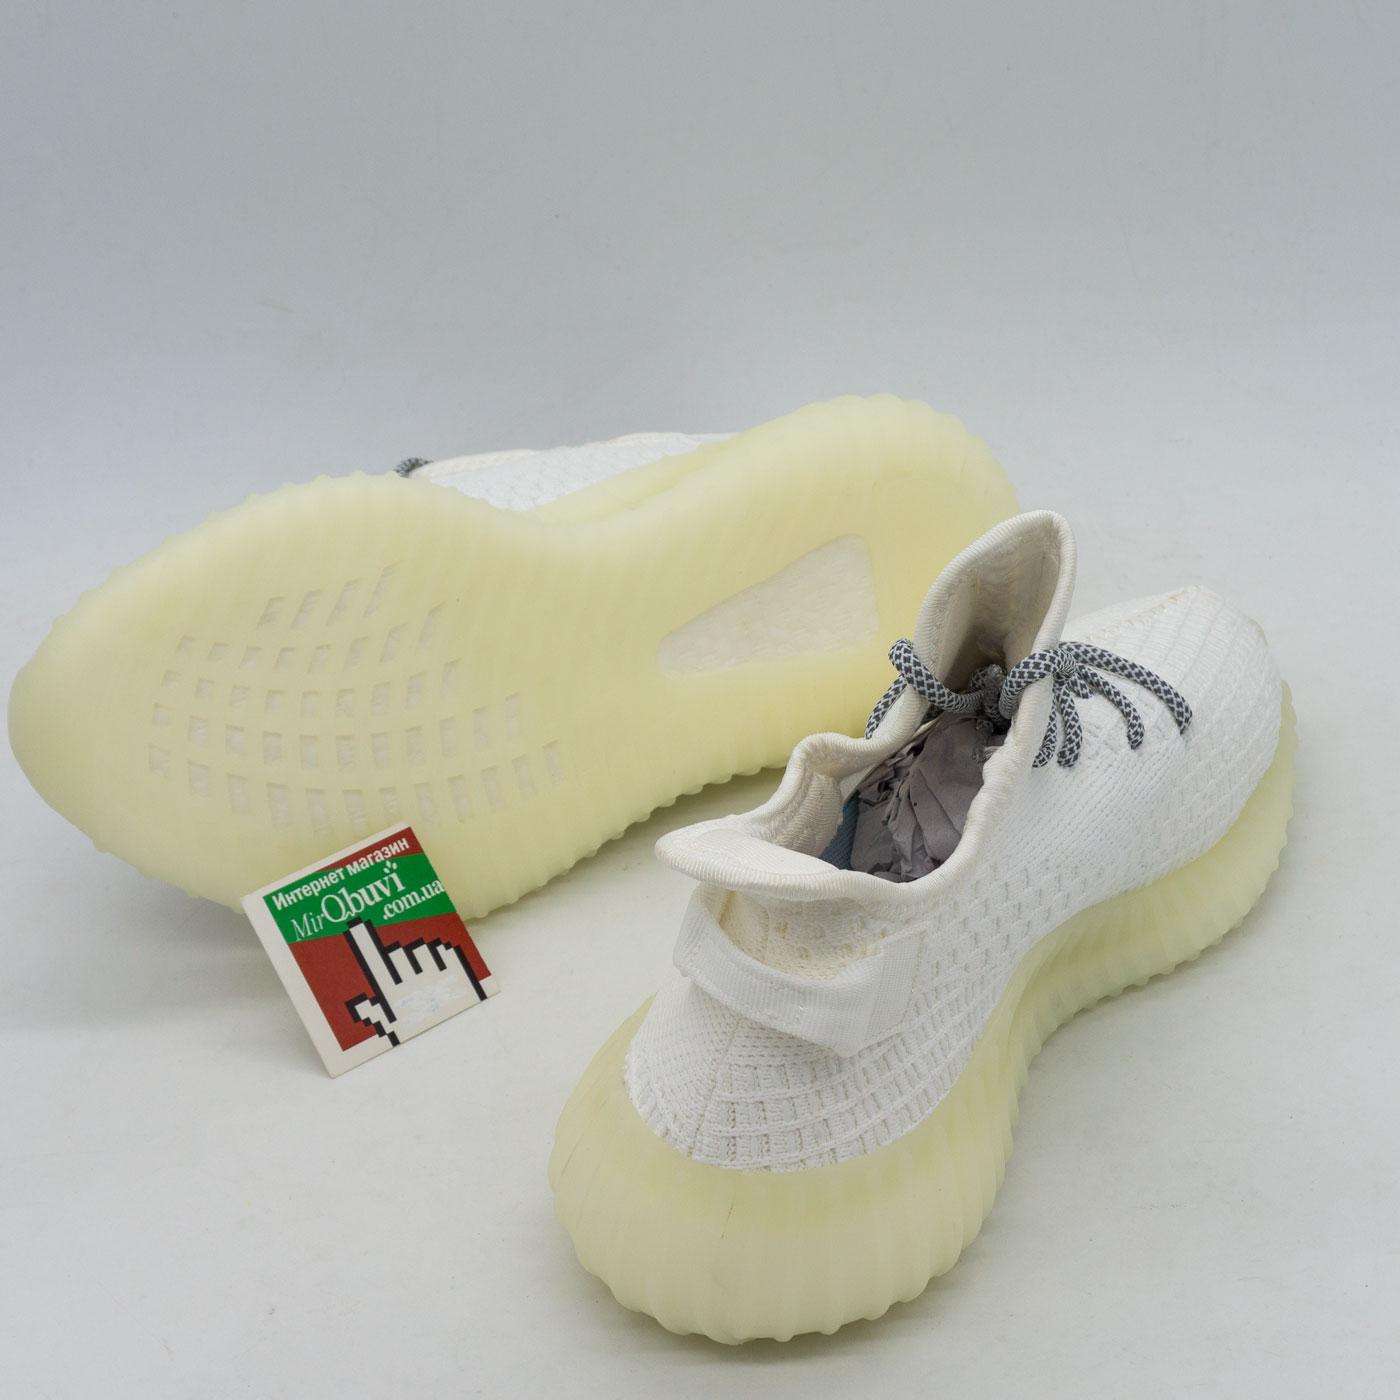 фото front Женские кроссовки STILLI ST8080-4 белые в стиле adidas yeezy boost 350 front